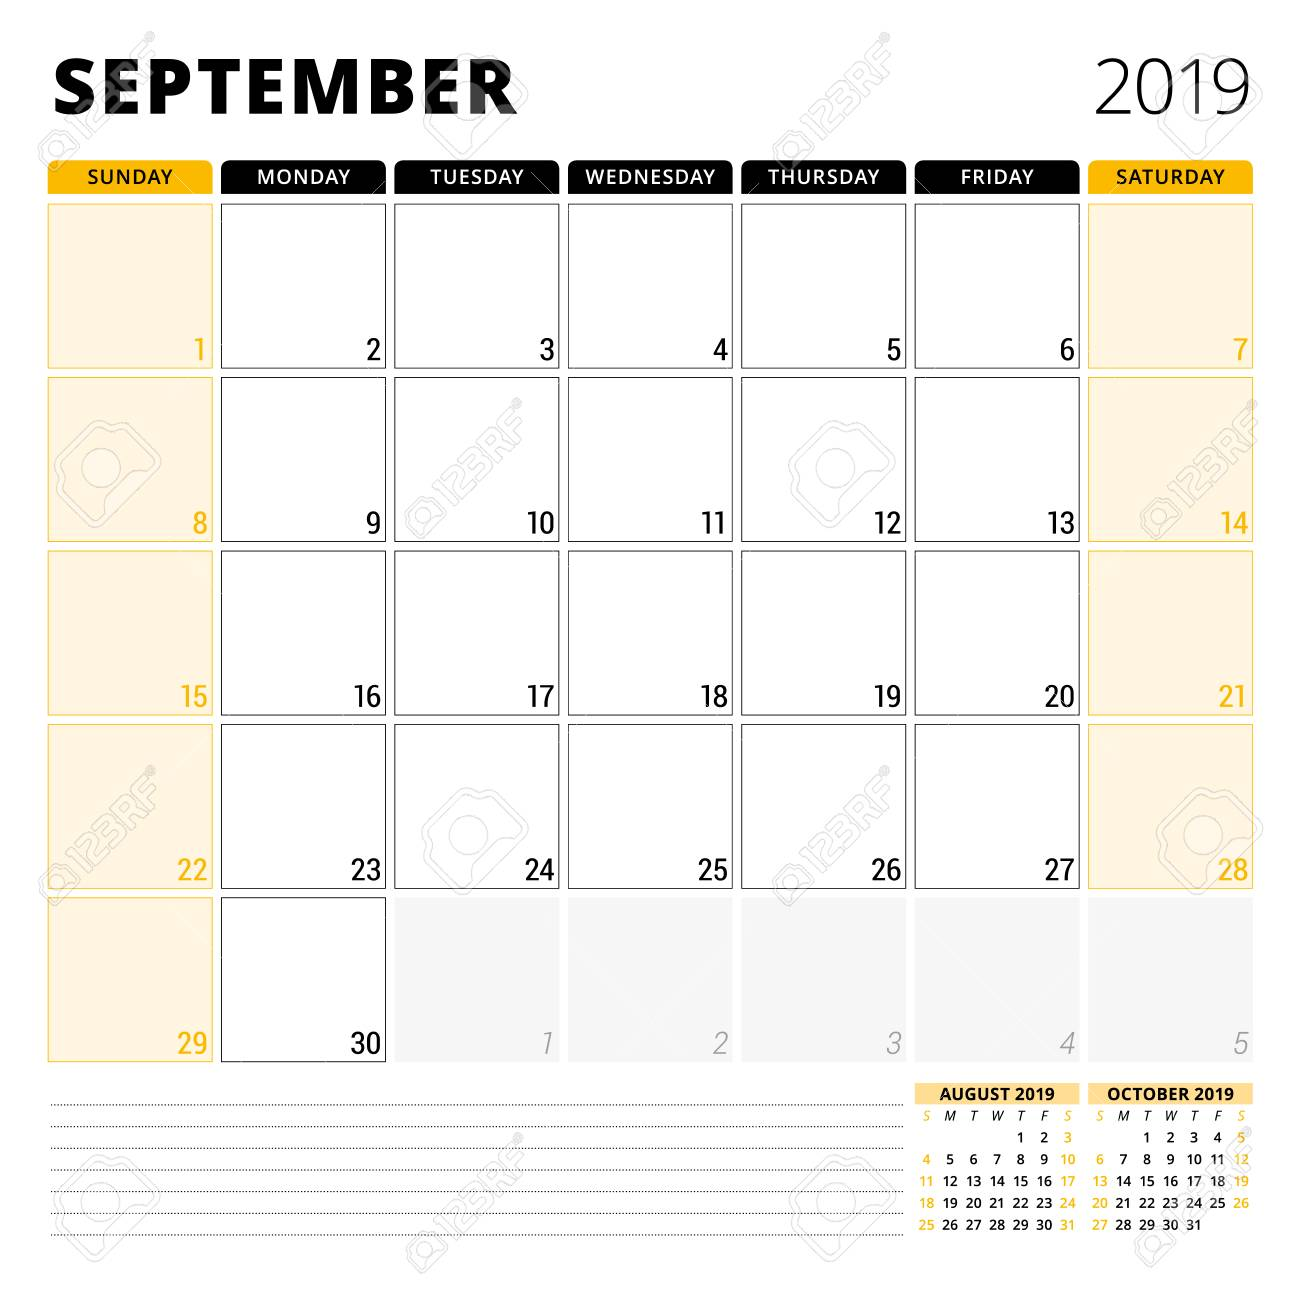 Calendar Planner September 2019.Calendar Planner For September 2019 Stationery Design Template